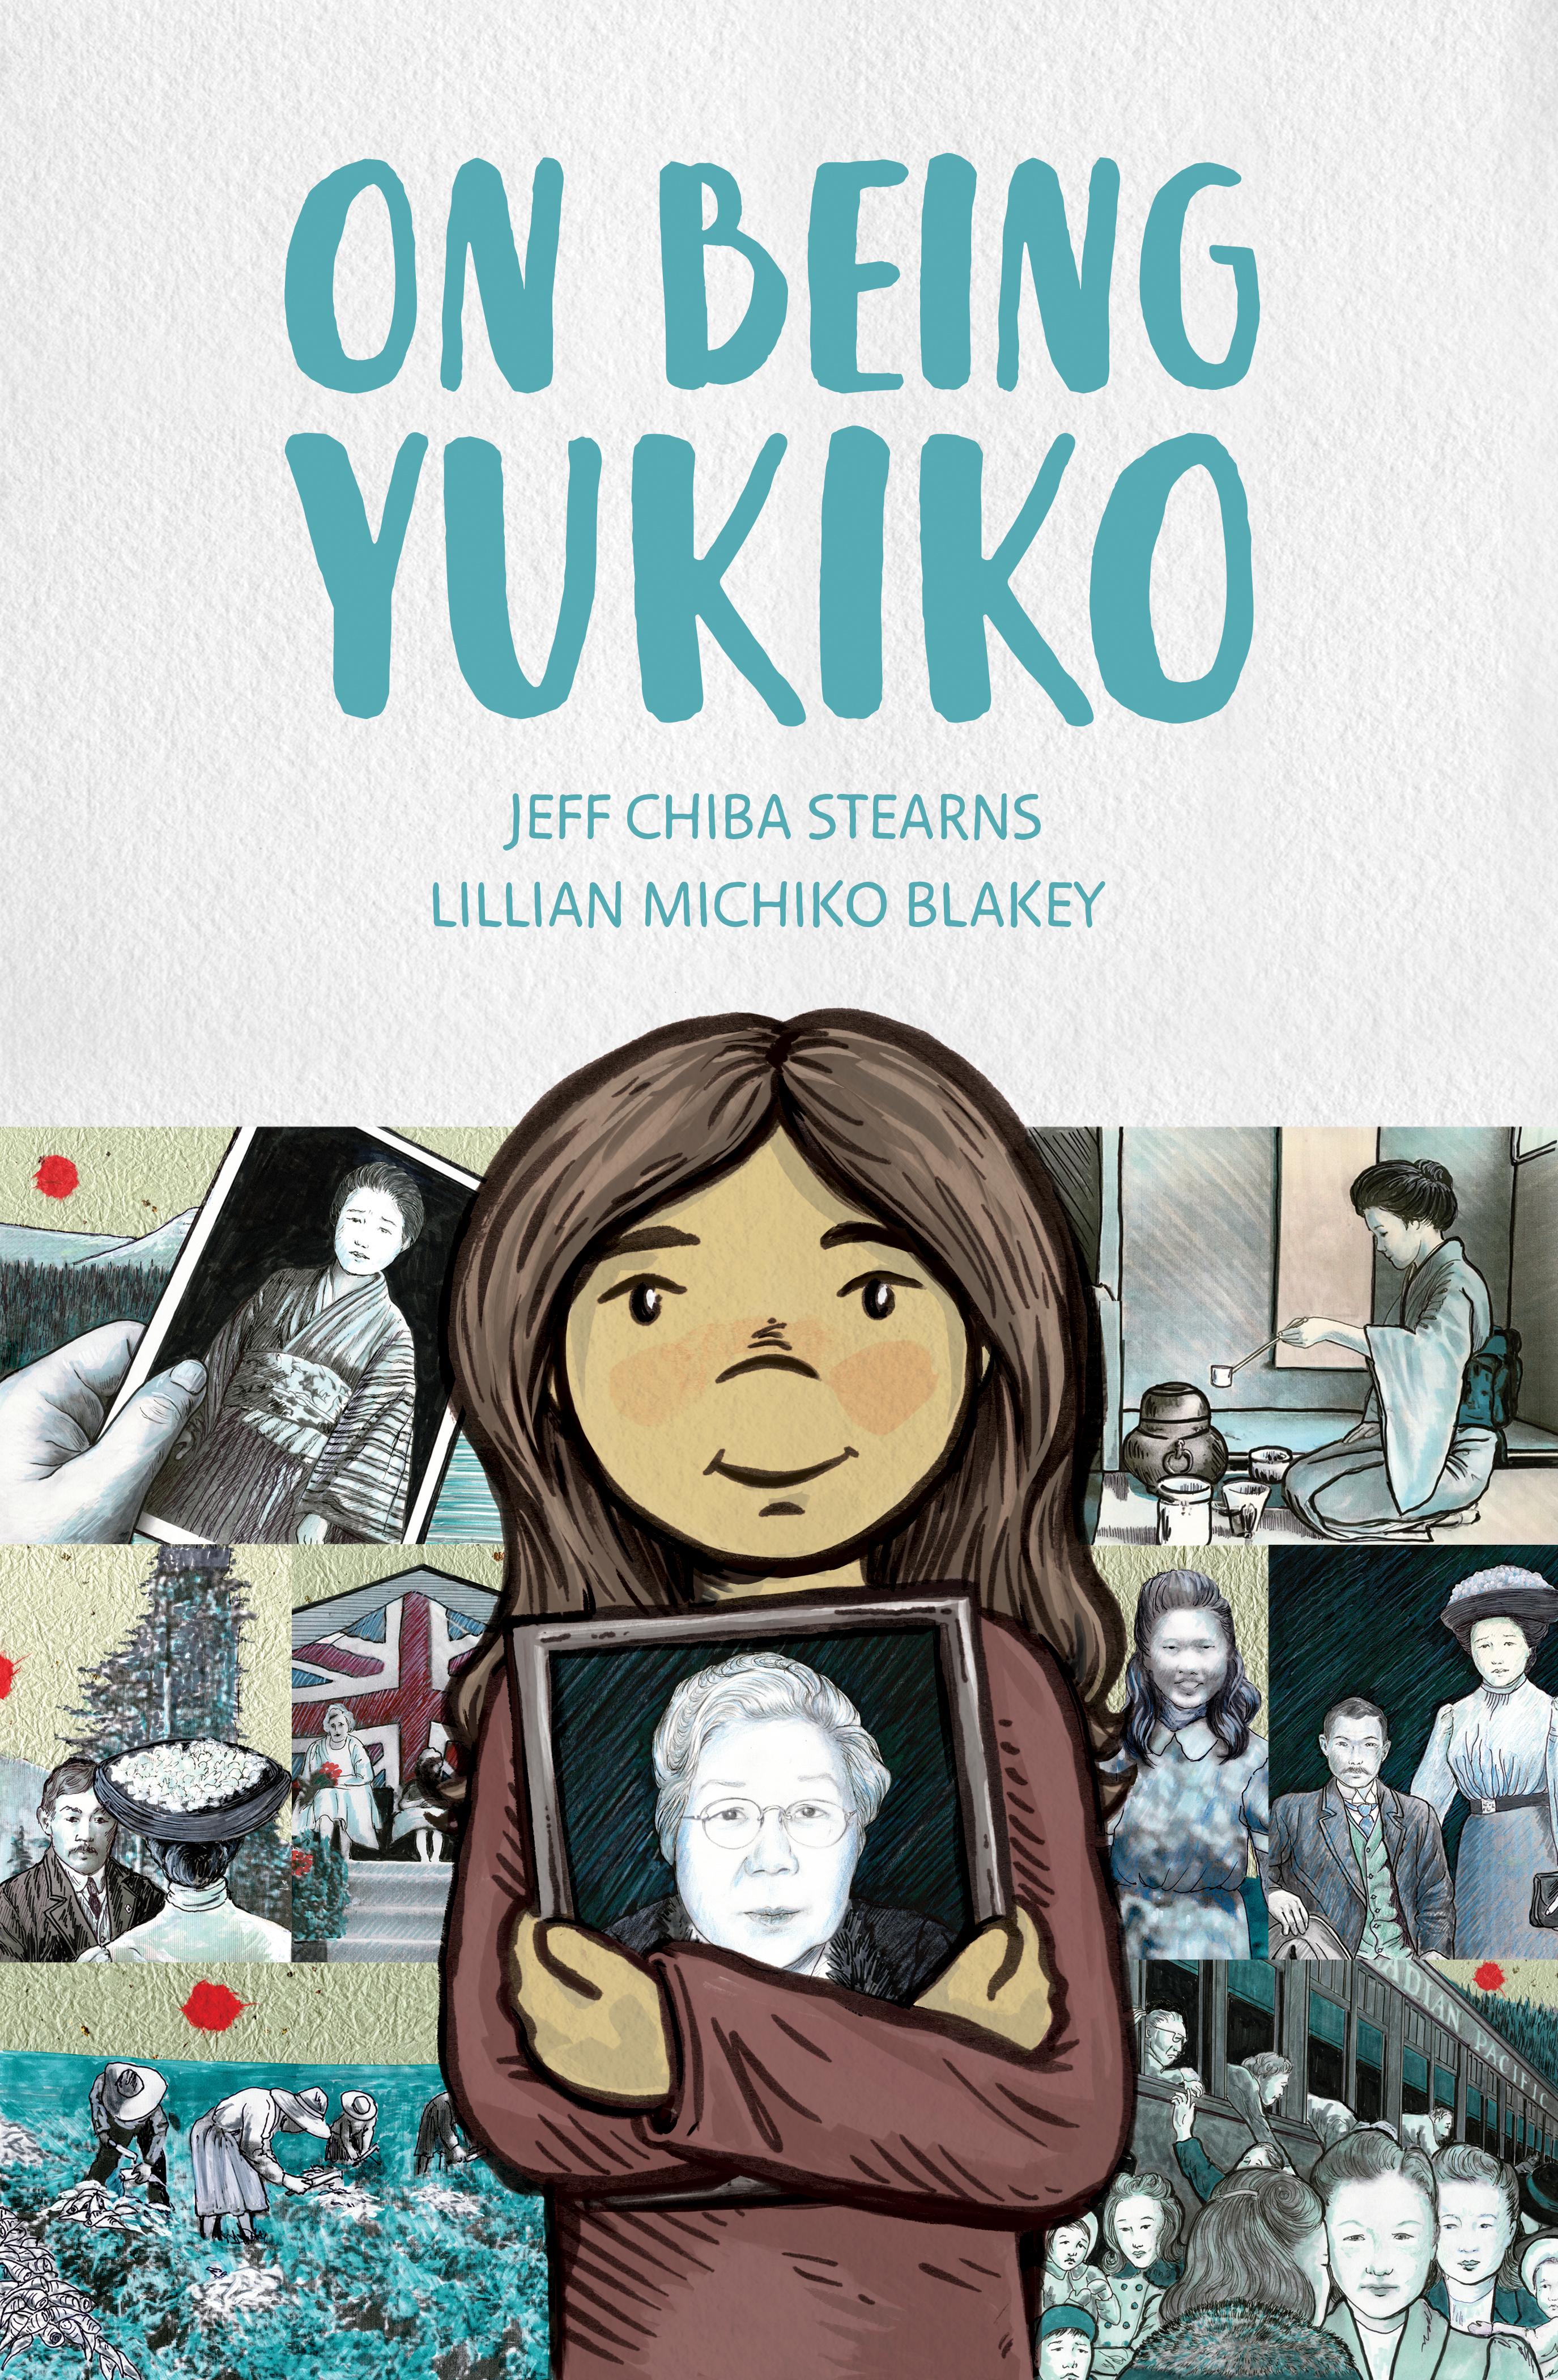 On Being Yukiko